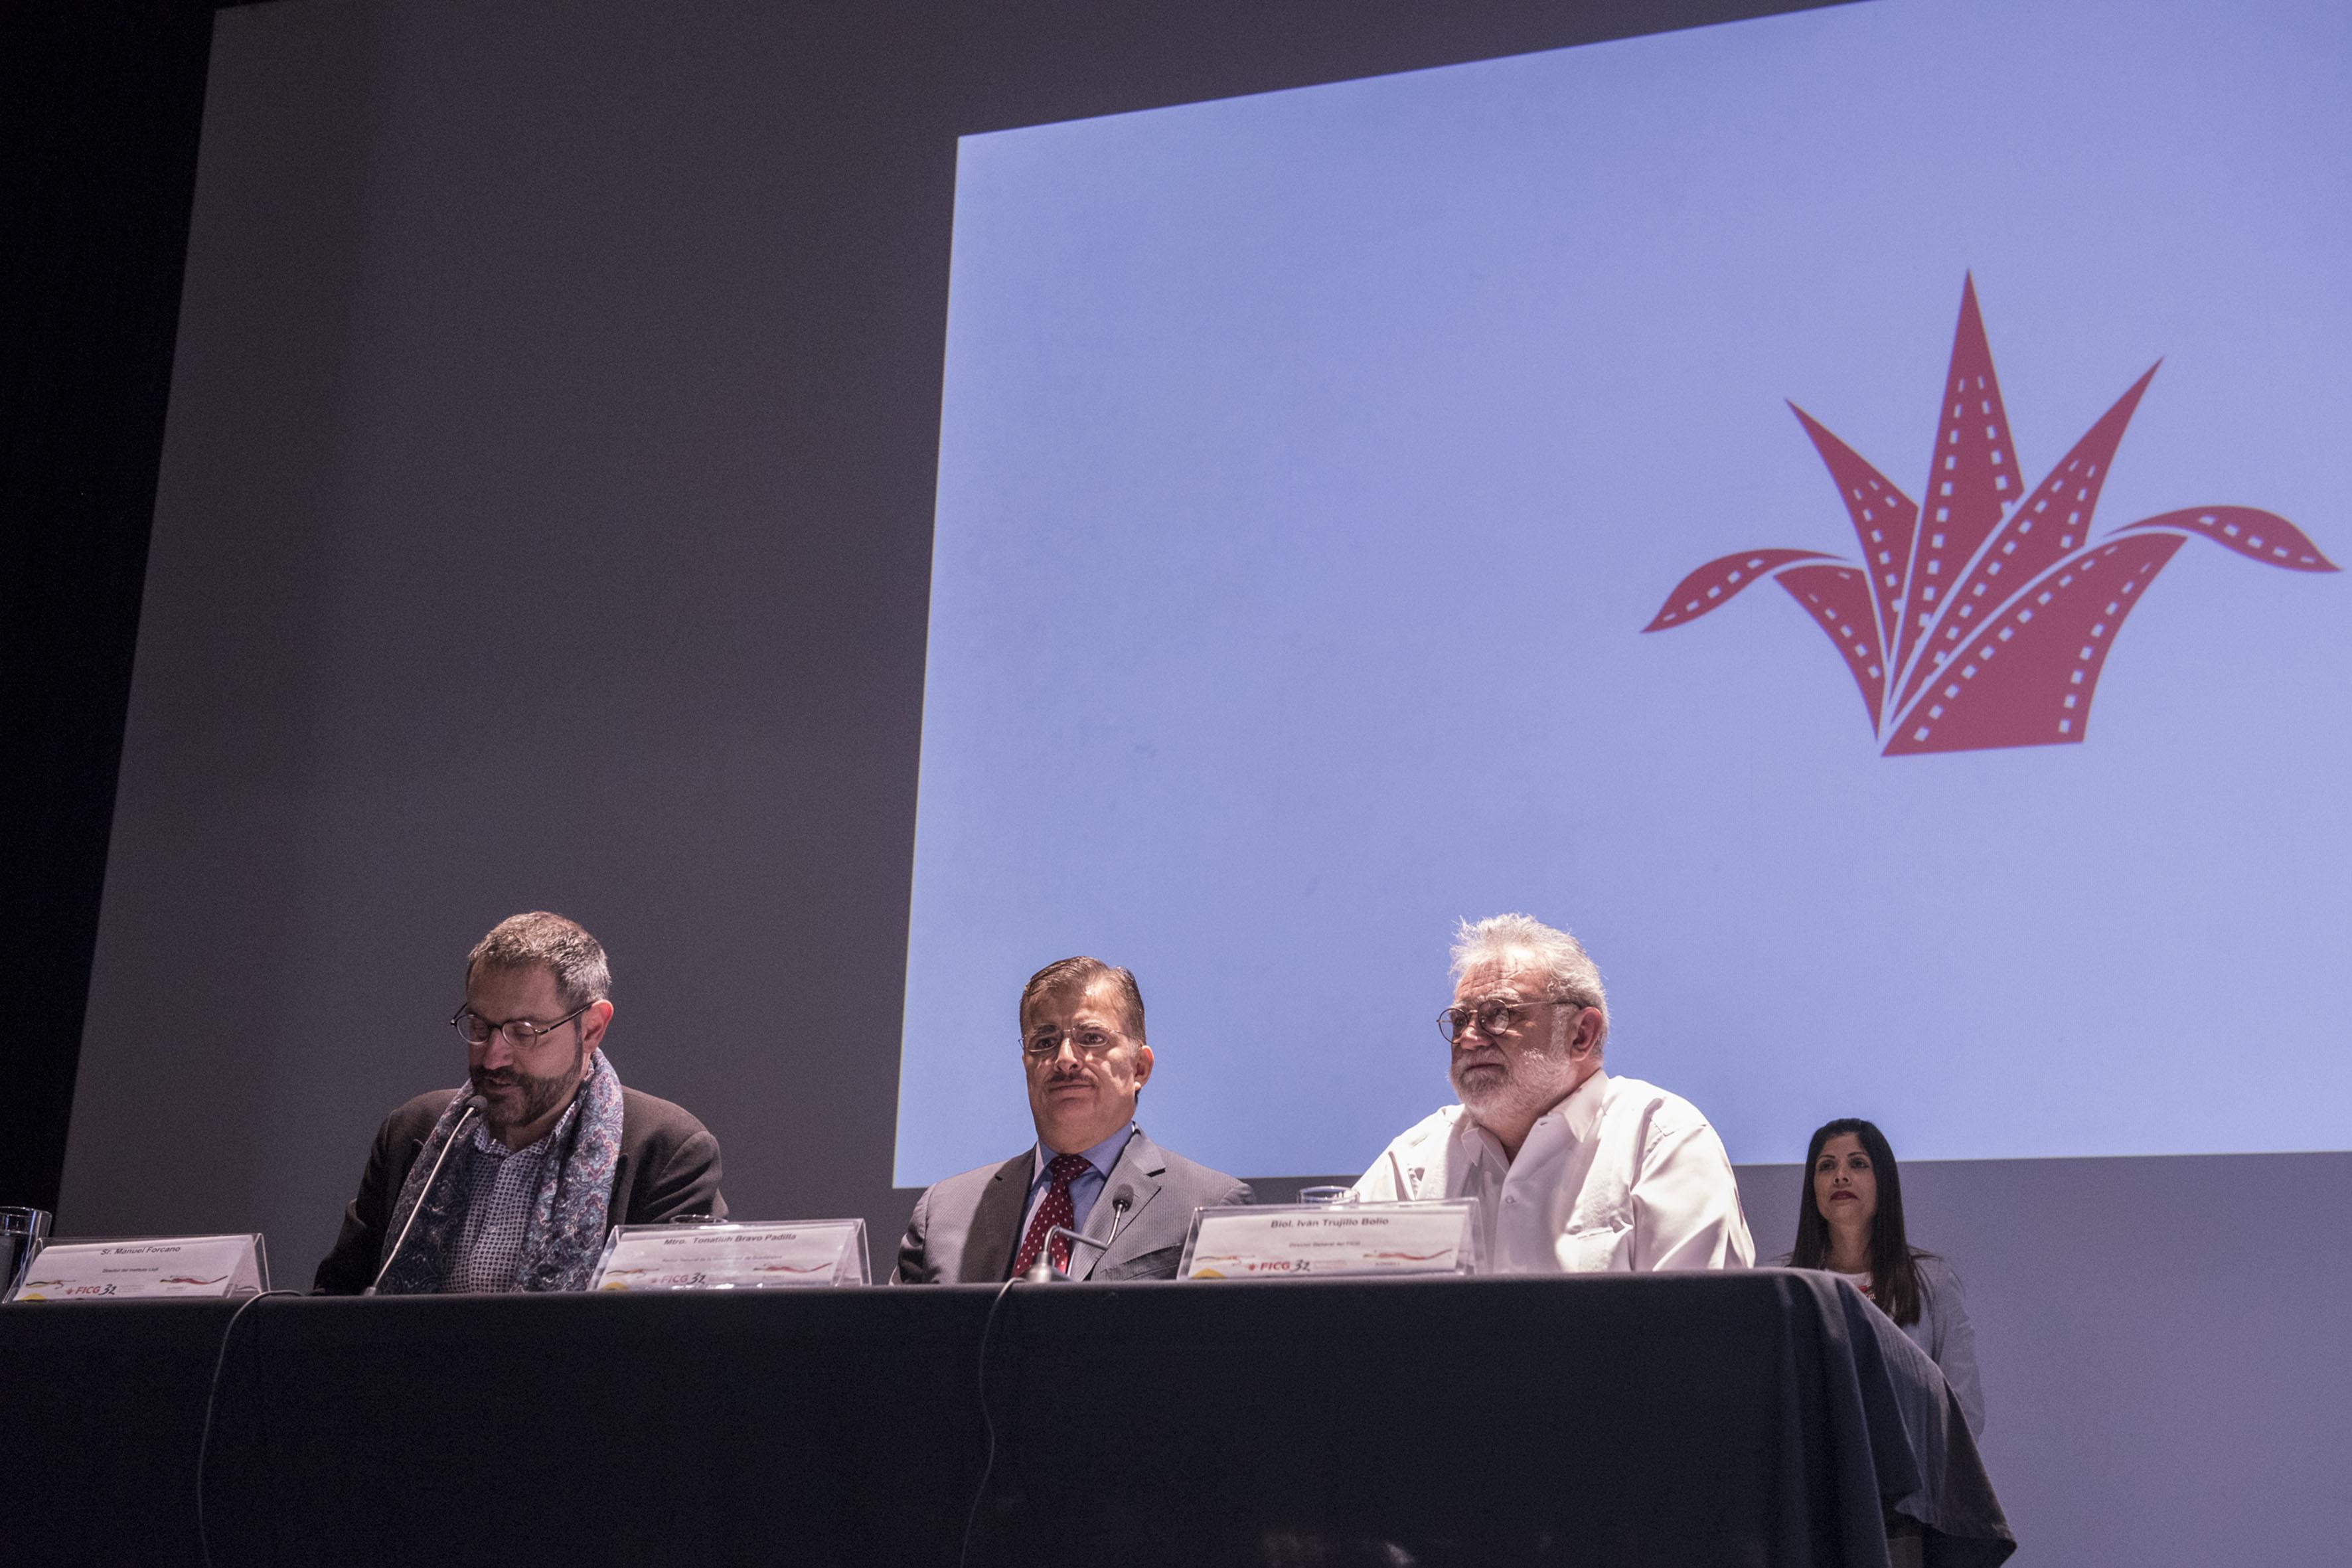 El director del Instituto Ramón Llull de Cataluña, Manuel Forcano; con micrófono en mesa del panel, haciendo uso de la palabra.